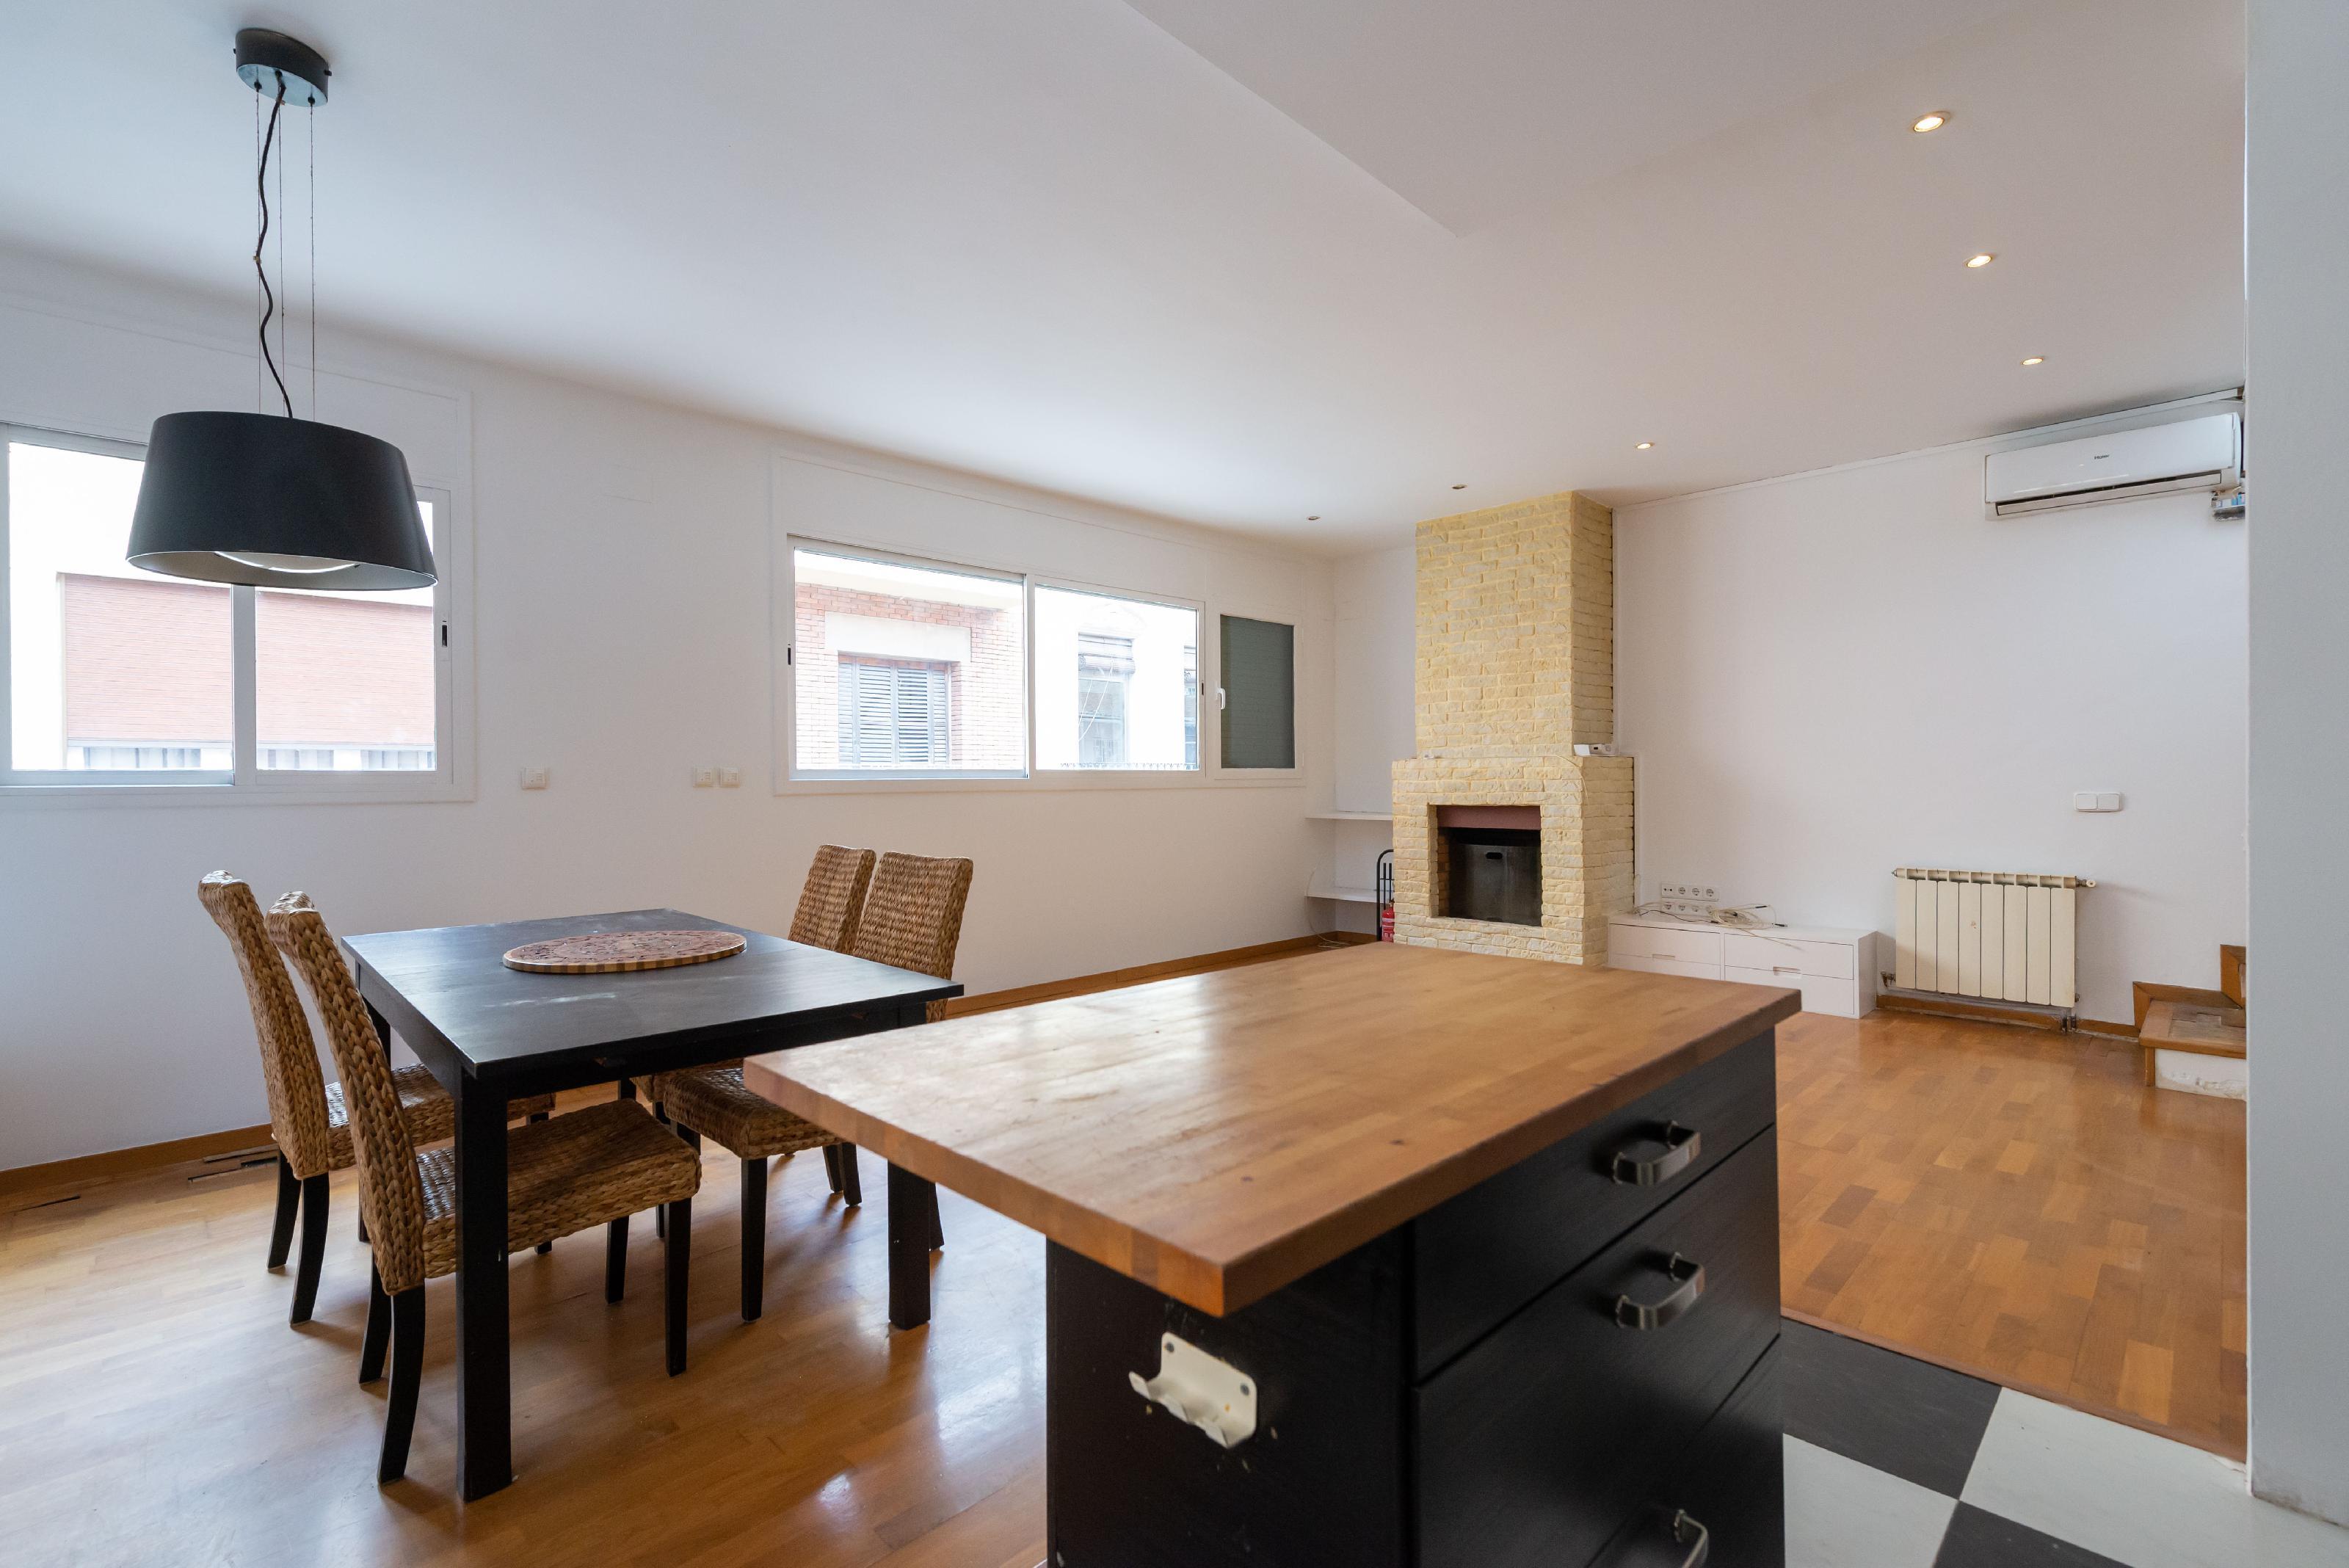 249634 House for sale in Gràcia, Vila de Gràcia 9